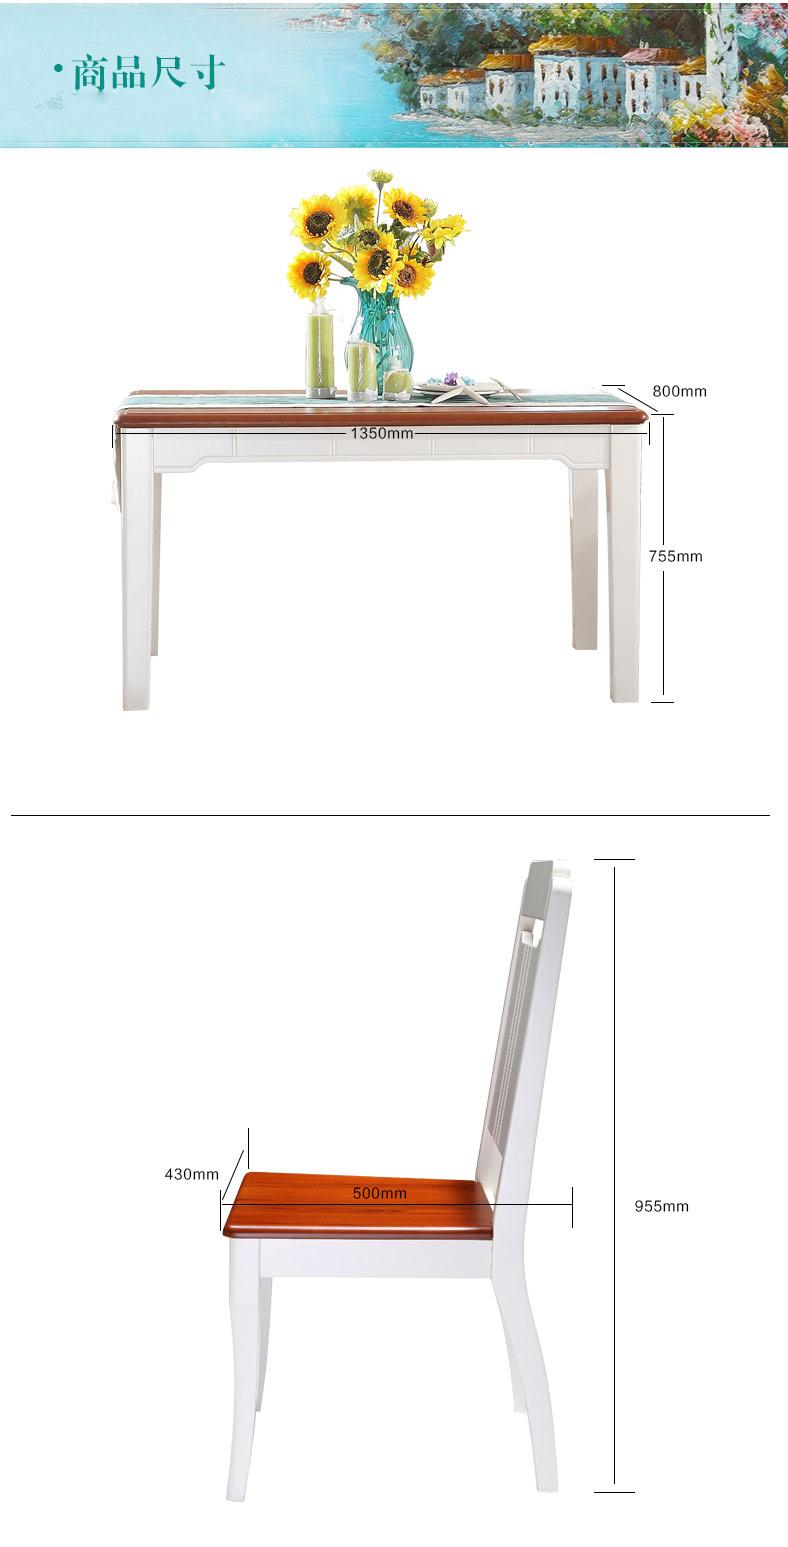 全友家居-美式餐桌椅套装组合121101_09.jpg